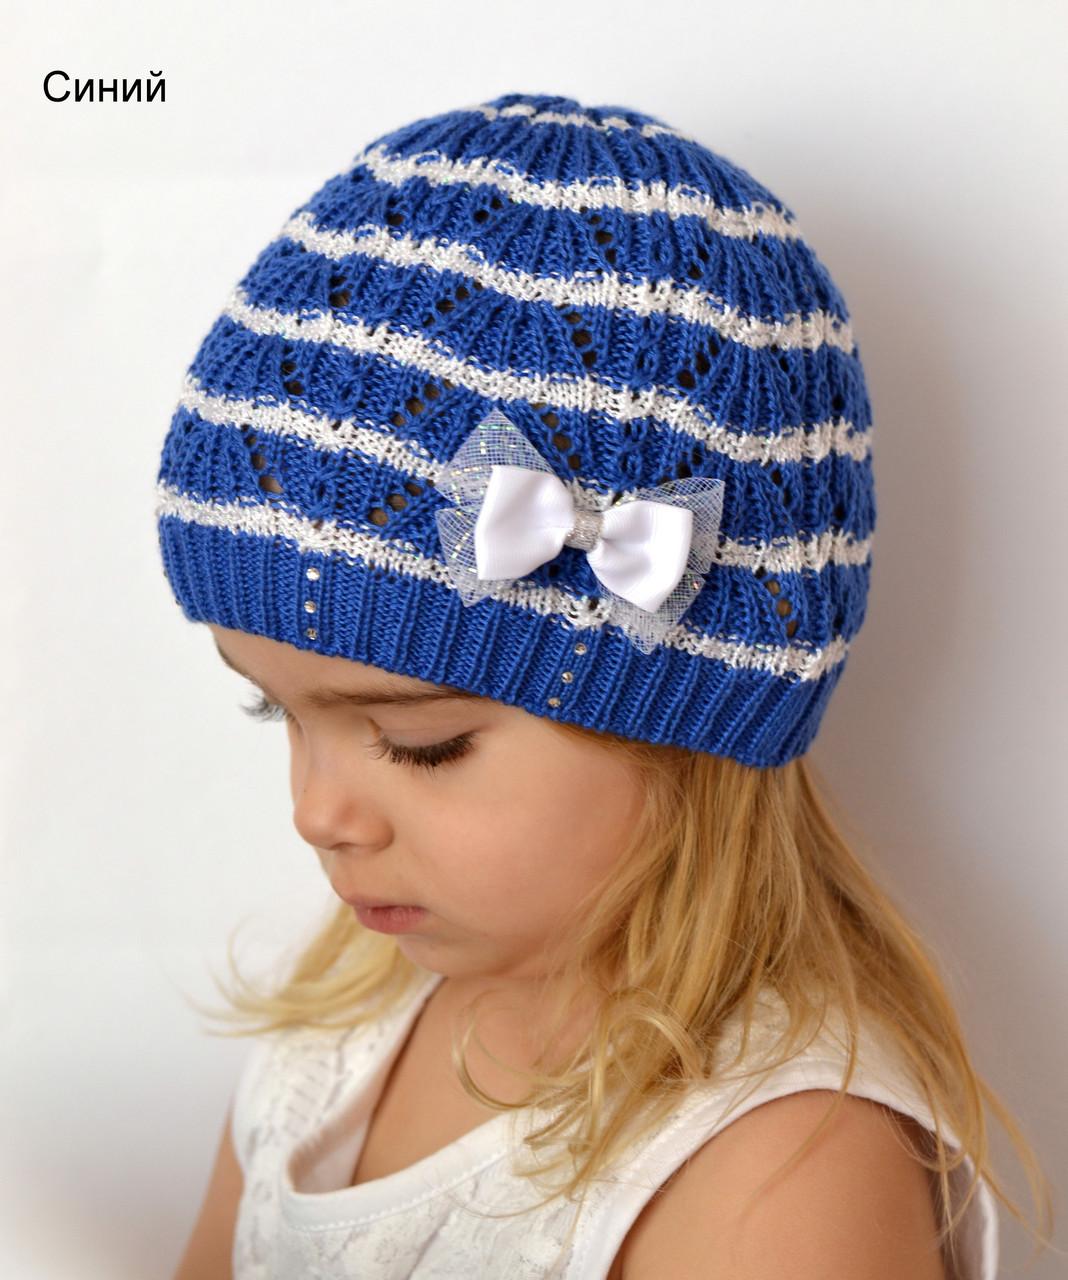 Акция! Веер ажурная весенняя шапка, р.48-52 хлопок 60% (мал.размер) голубой, салат, синий